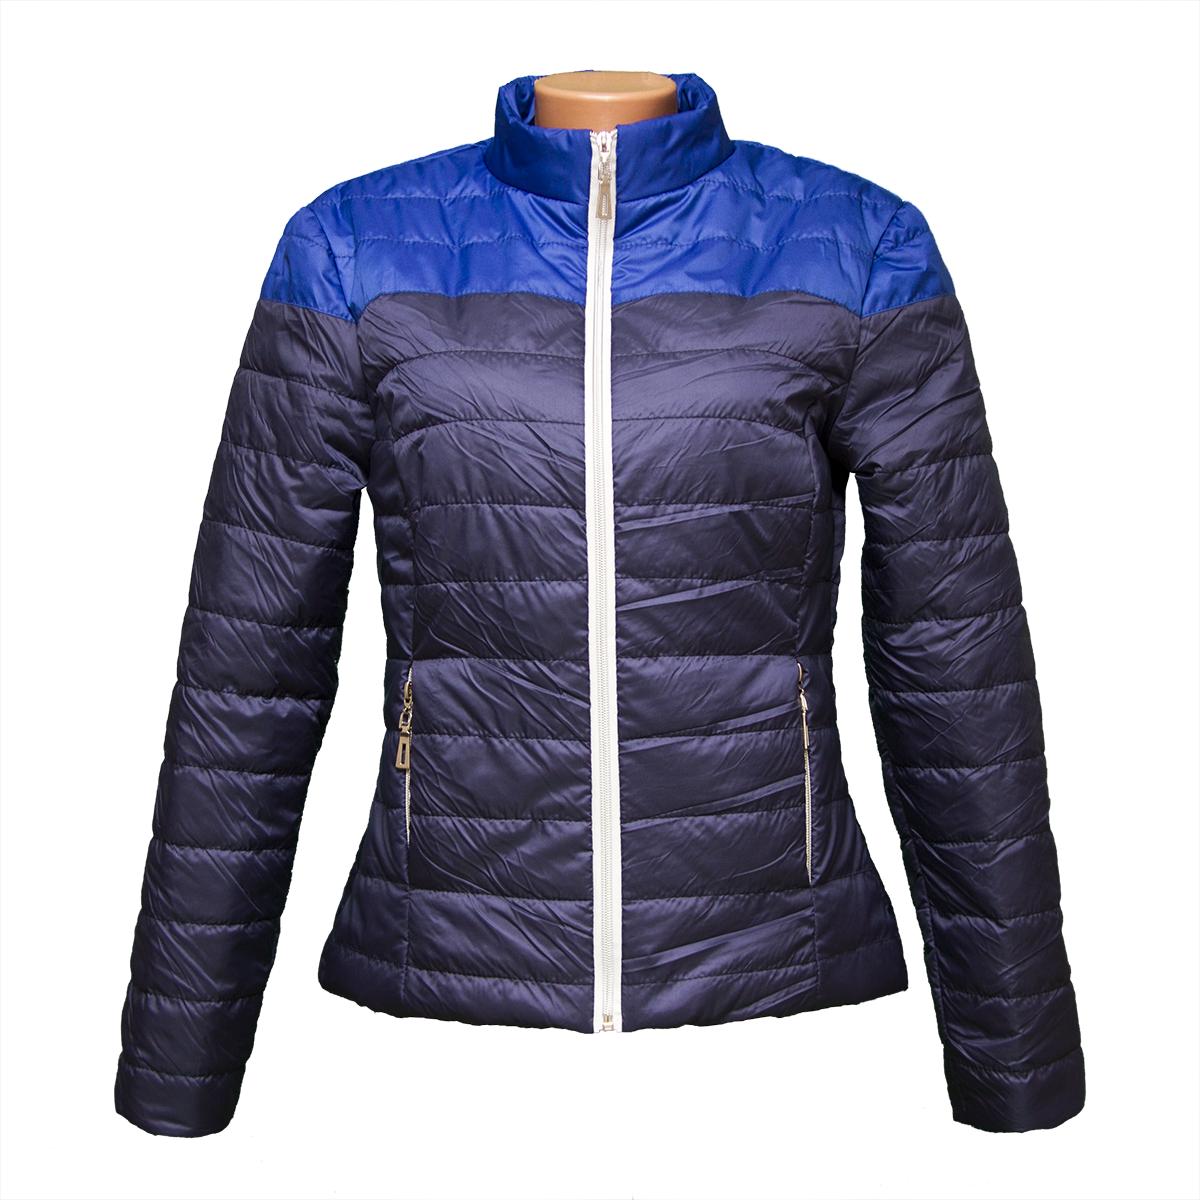 Женская демисезонная куртка от производителя новые модели  KD1377-4